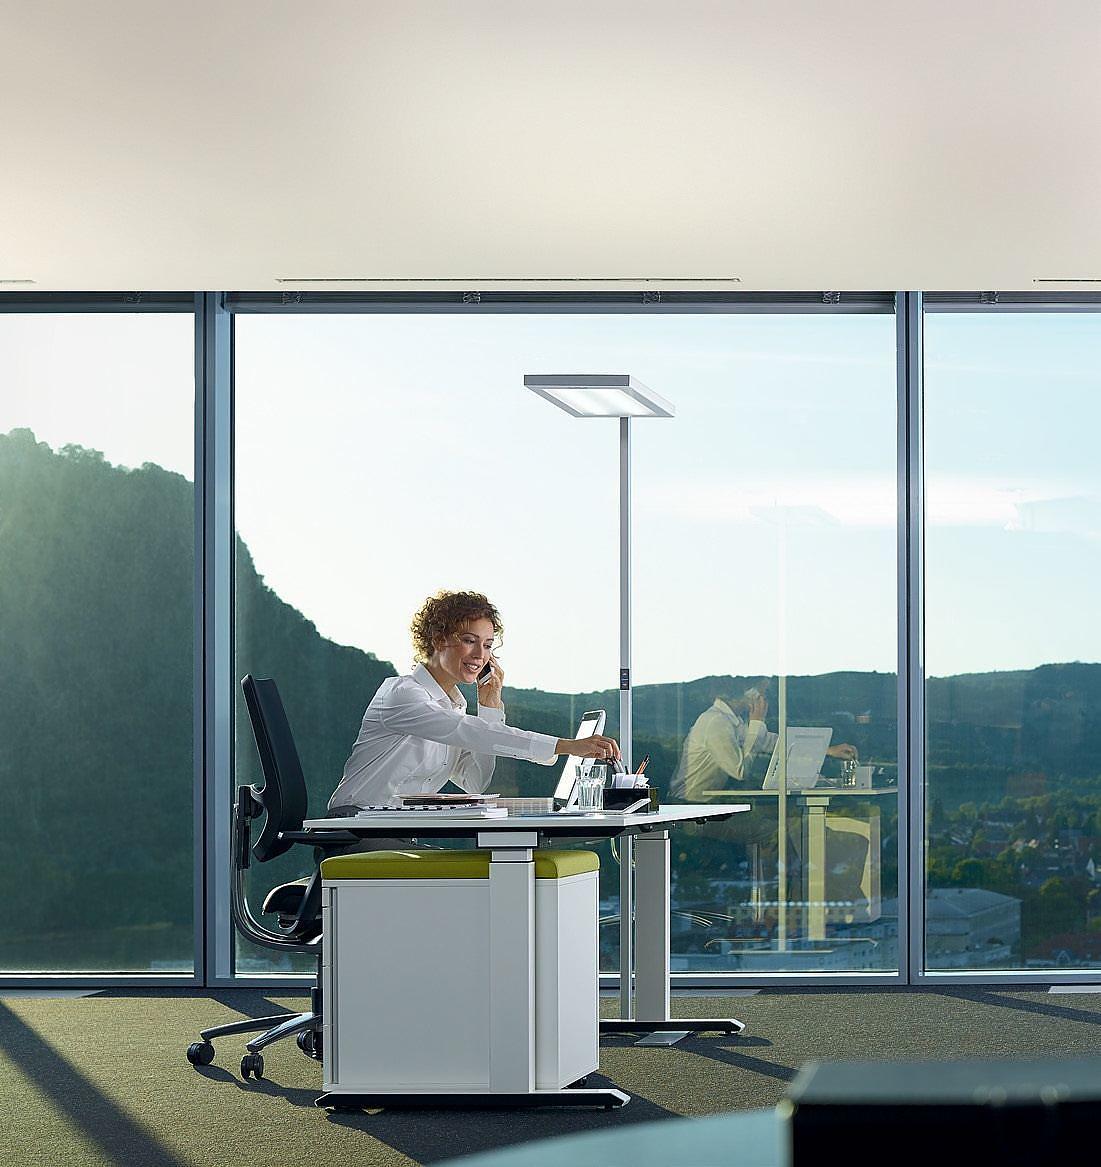 Goede kantoorverlichting is essentieel | EM-kantoorinrichting